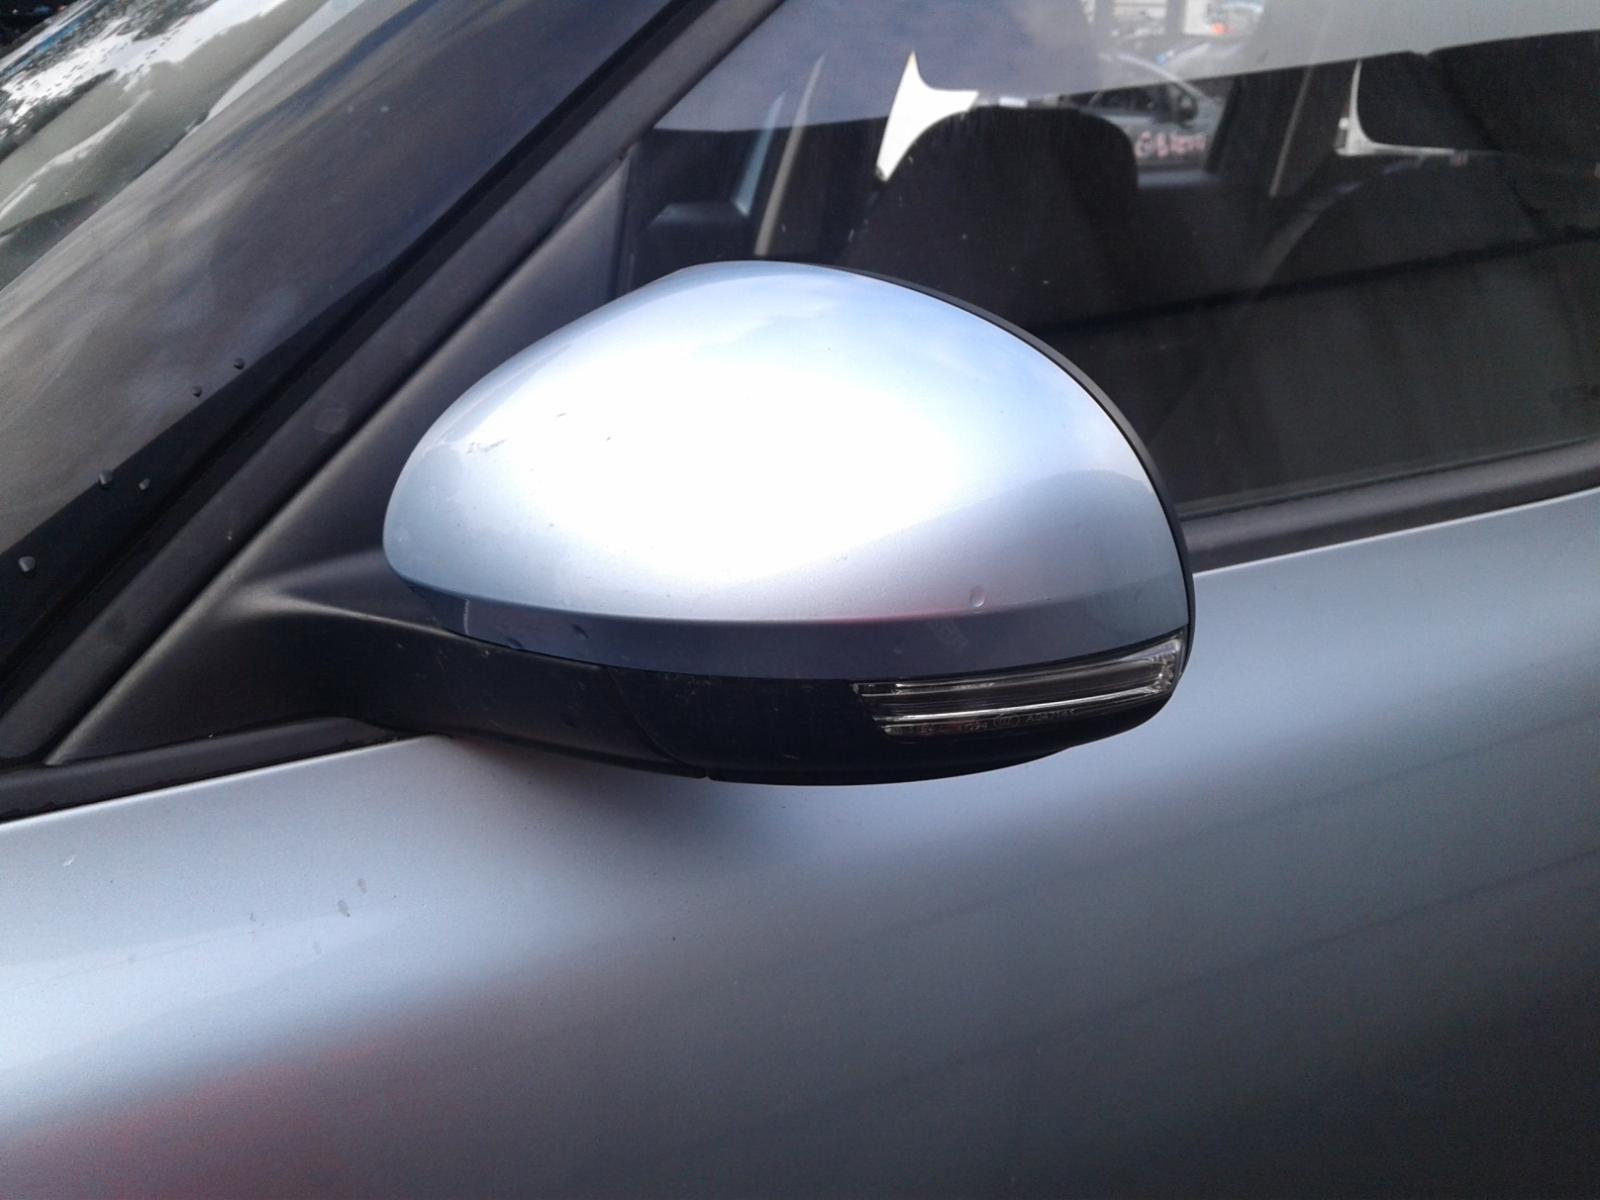 View Auto part SKODA YETI 2013 5 Door Hatchback